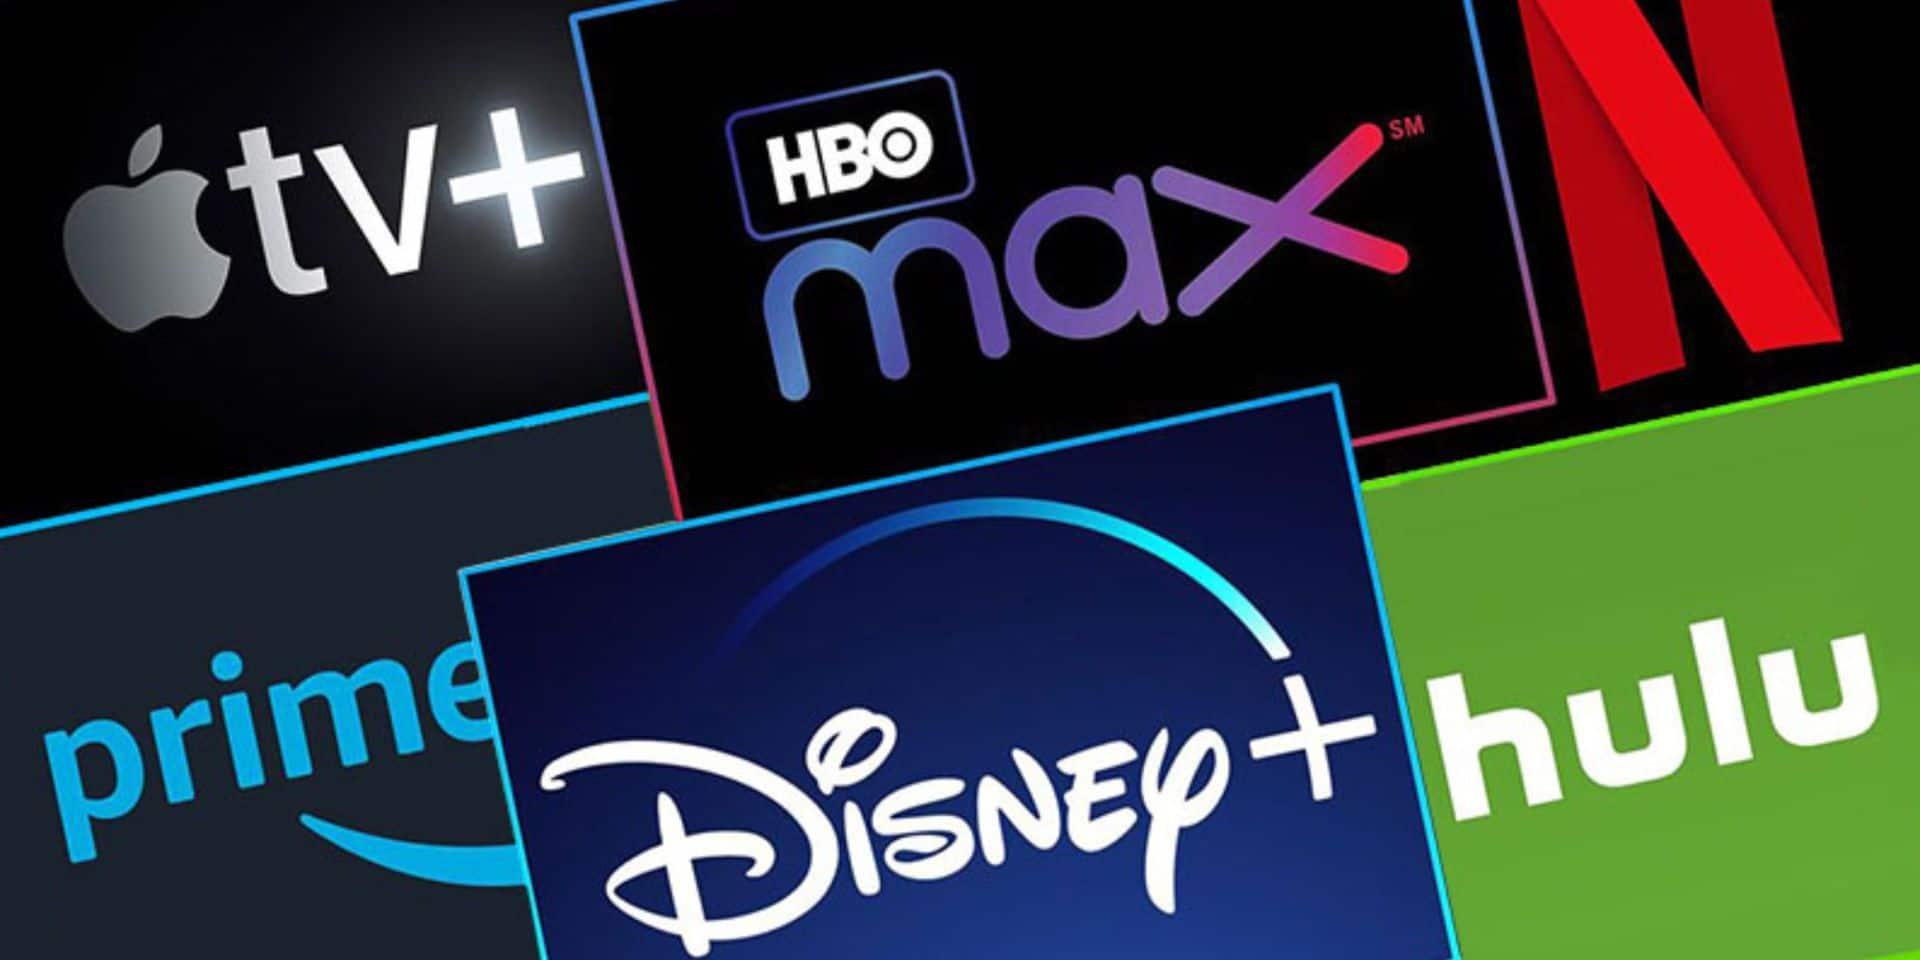 Selon une étude, Disney+ pourrait déjà dépasser Netflix d'ici 2024